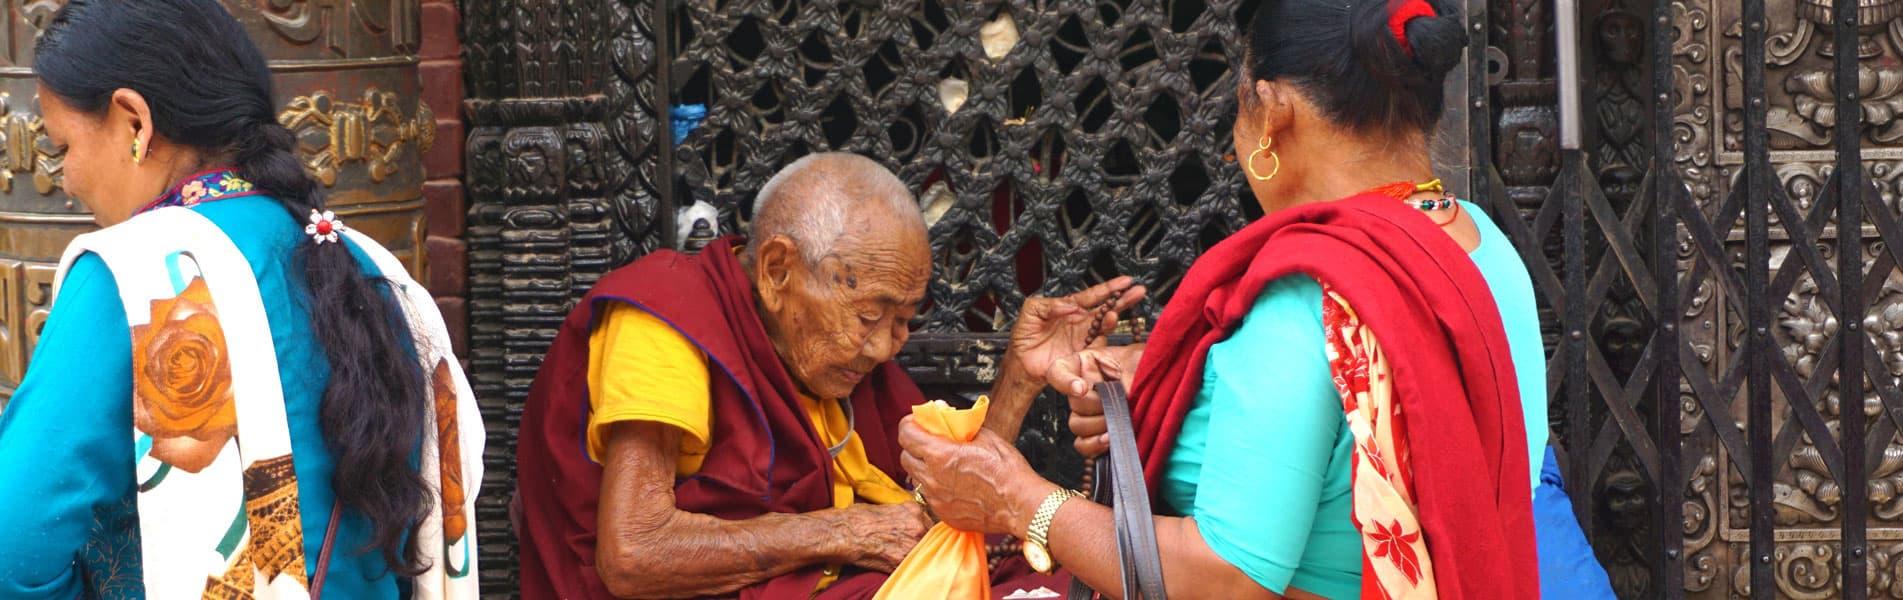 Local people in Kathmandu